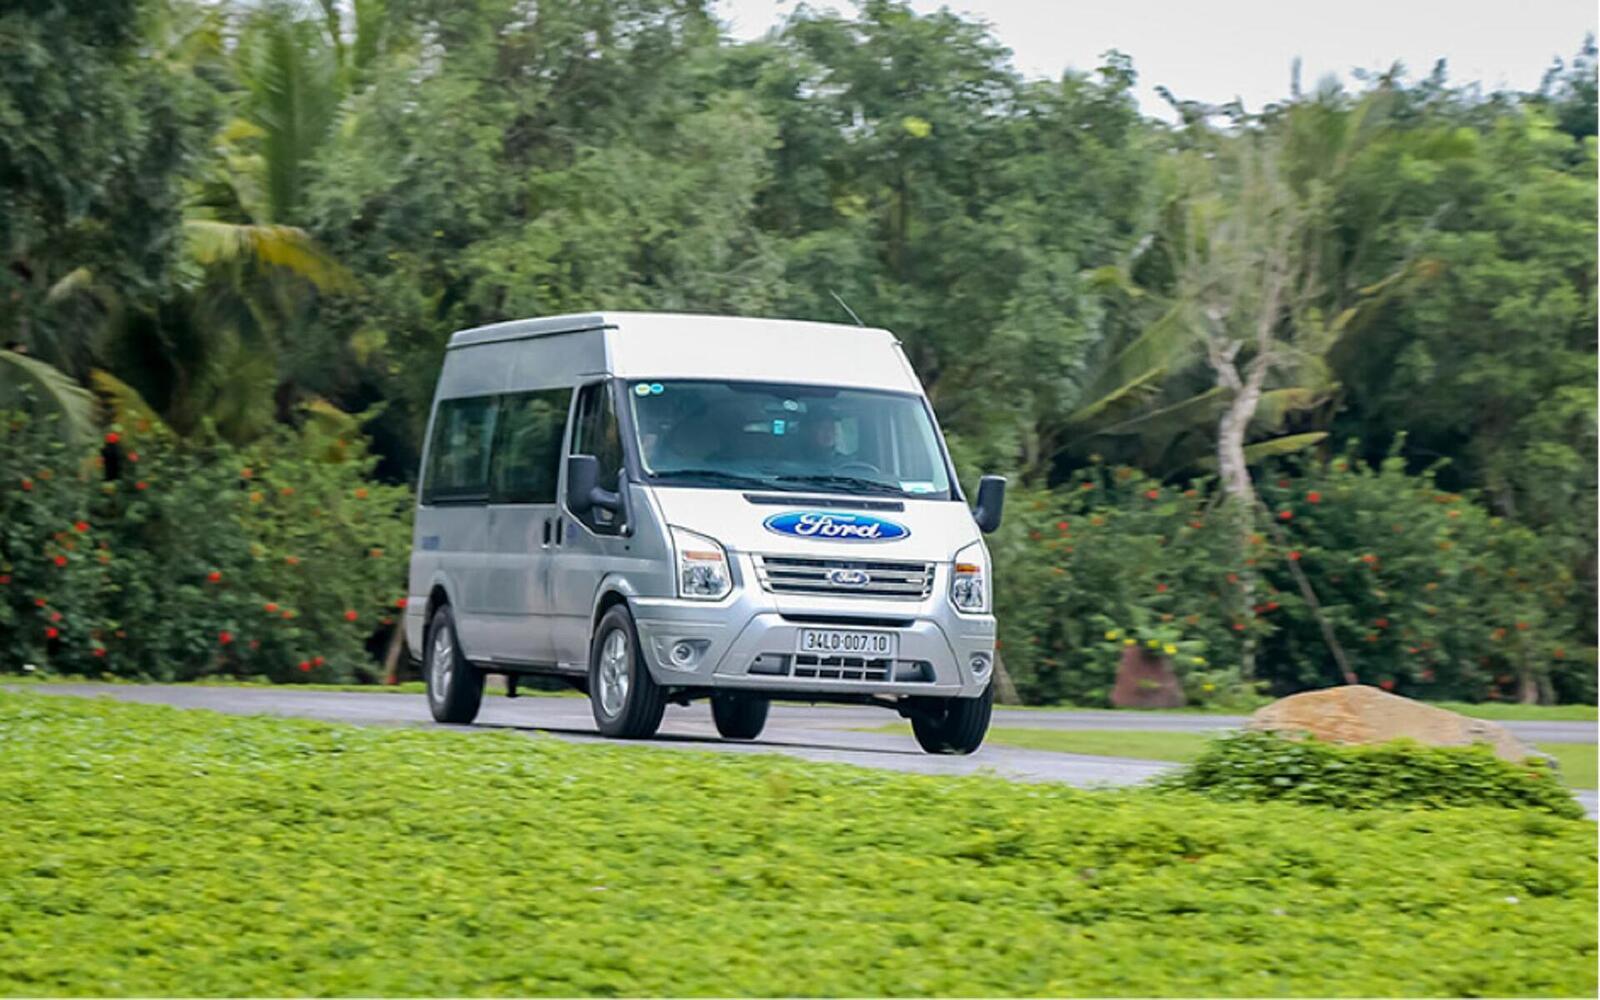 Ưu điểm của Ford Transit mang lại lợi thế cho doanh nghiệp vận tải - Hình 3